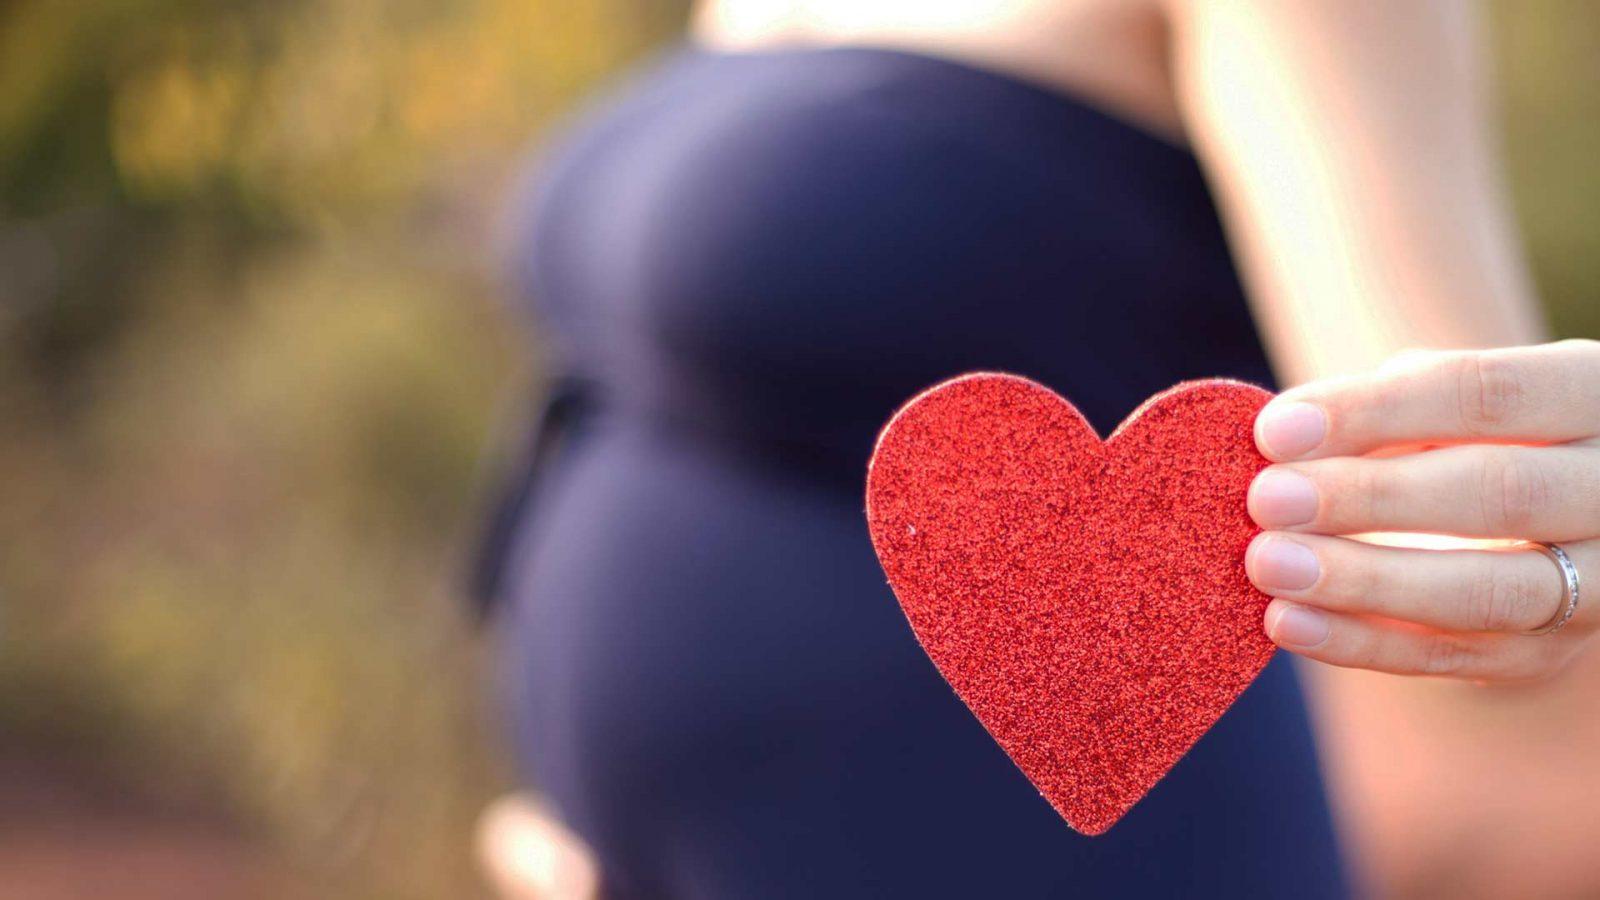 Pregnant woman pic